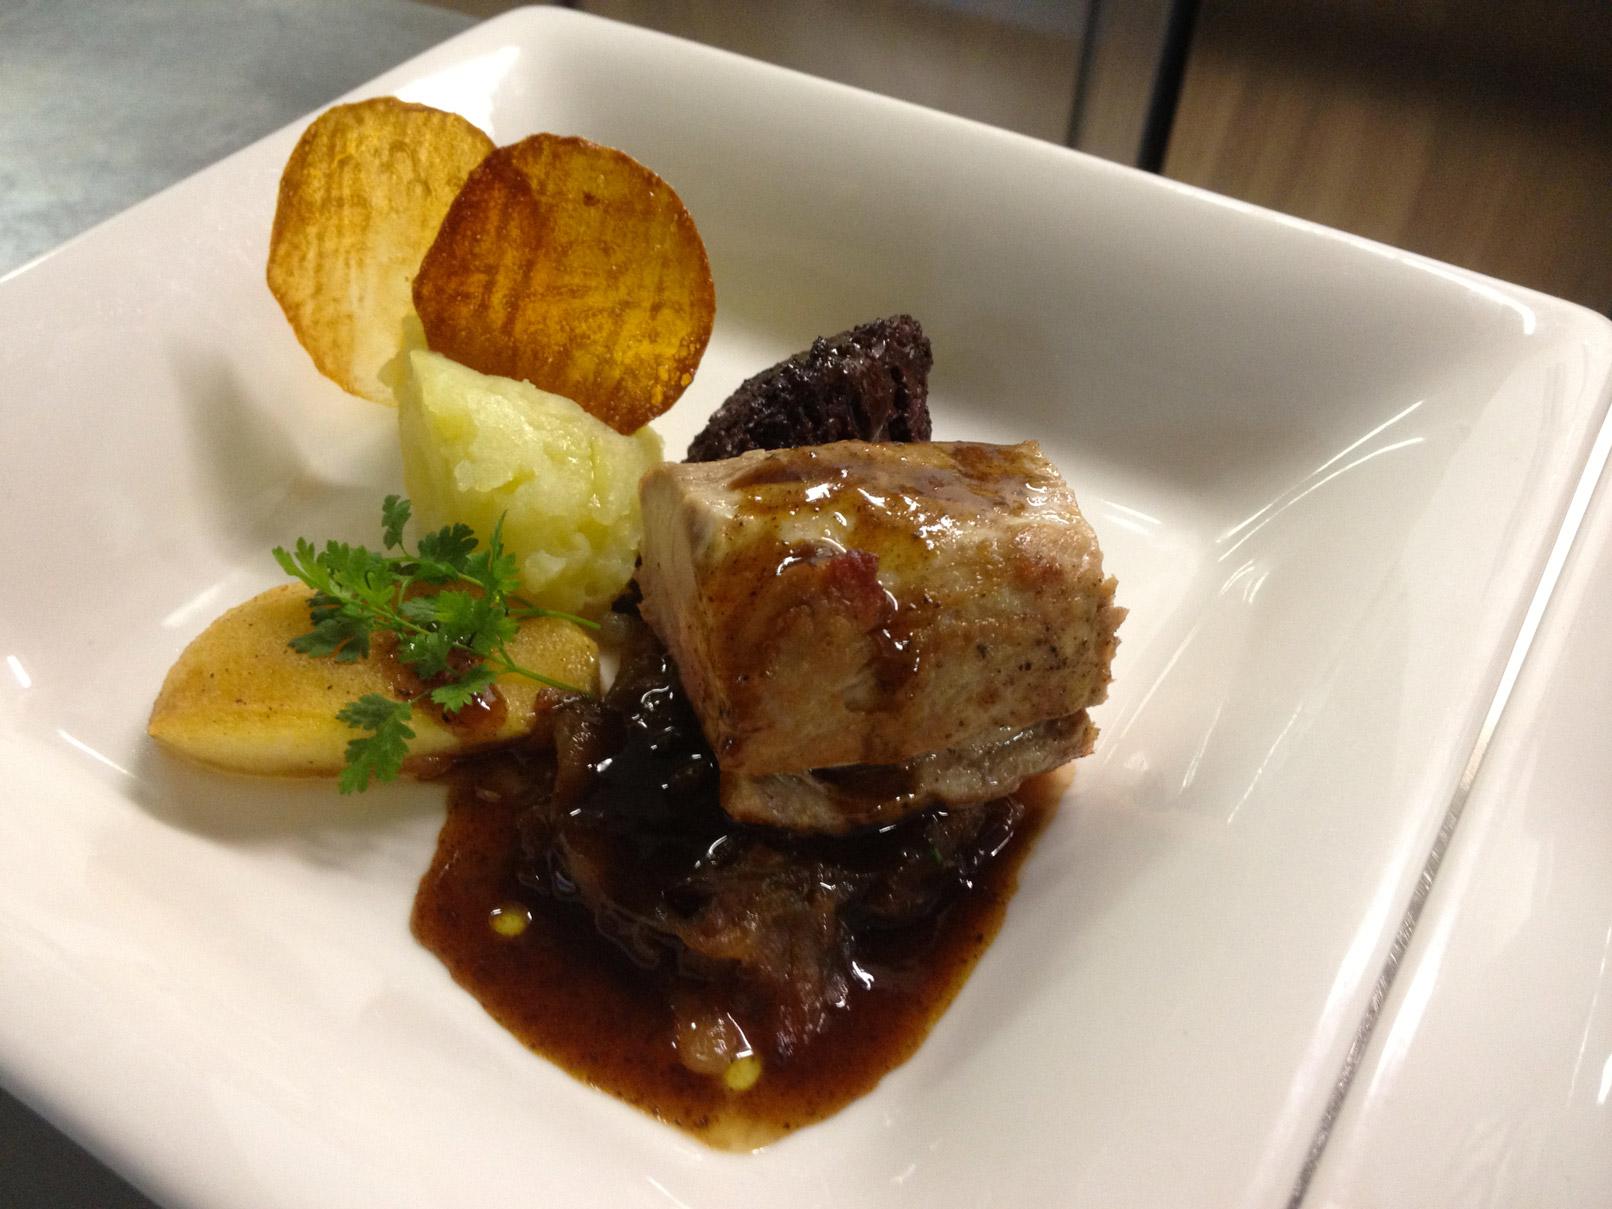 filet mignon de porc, boudin noir et pommes - L'antre Gourmand